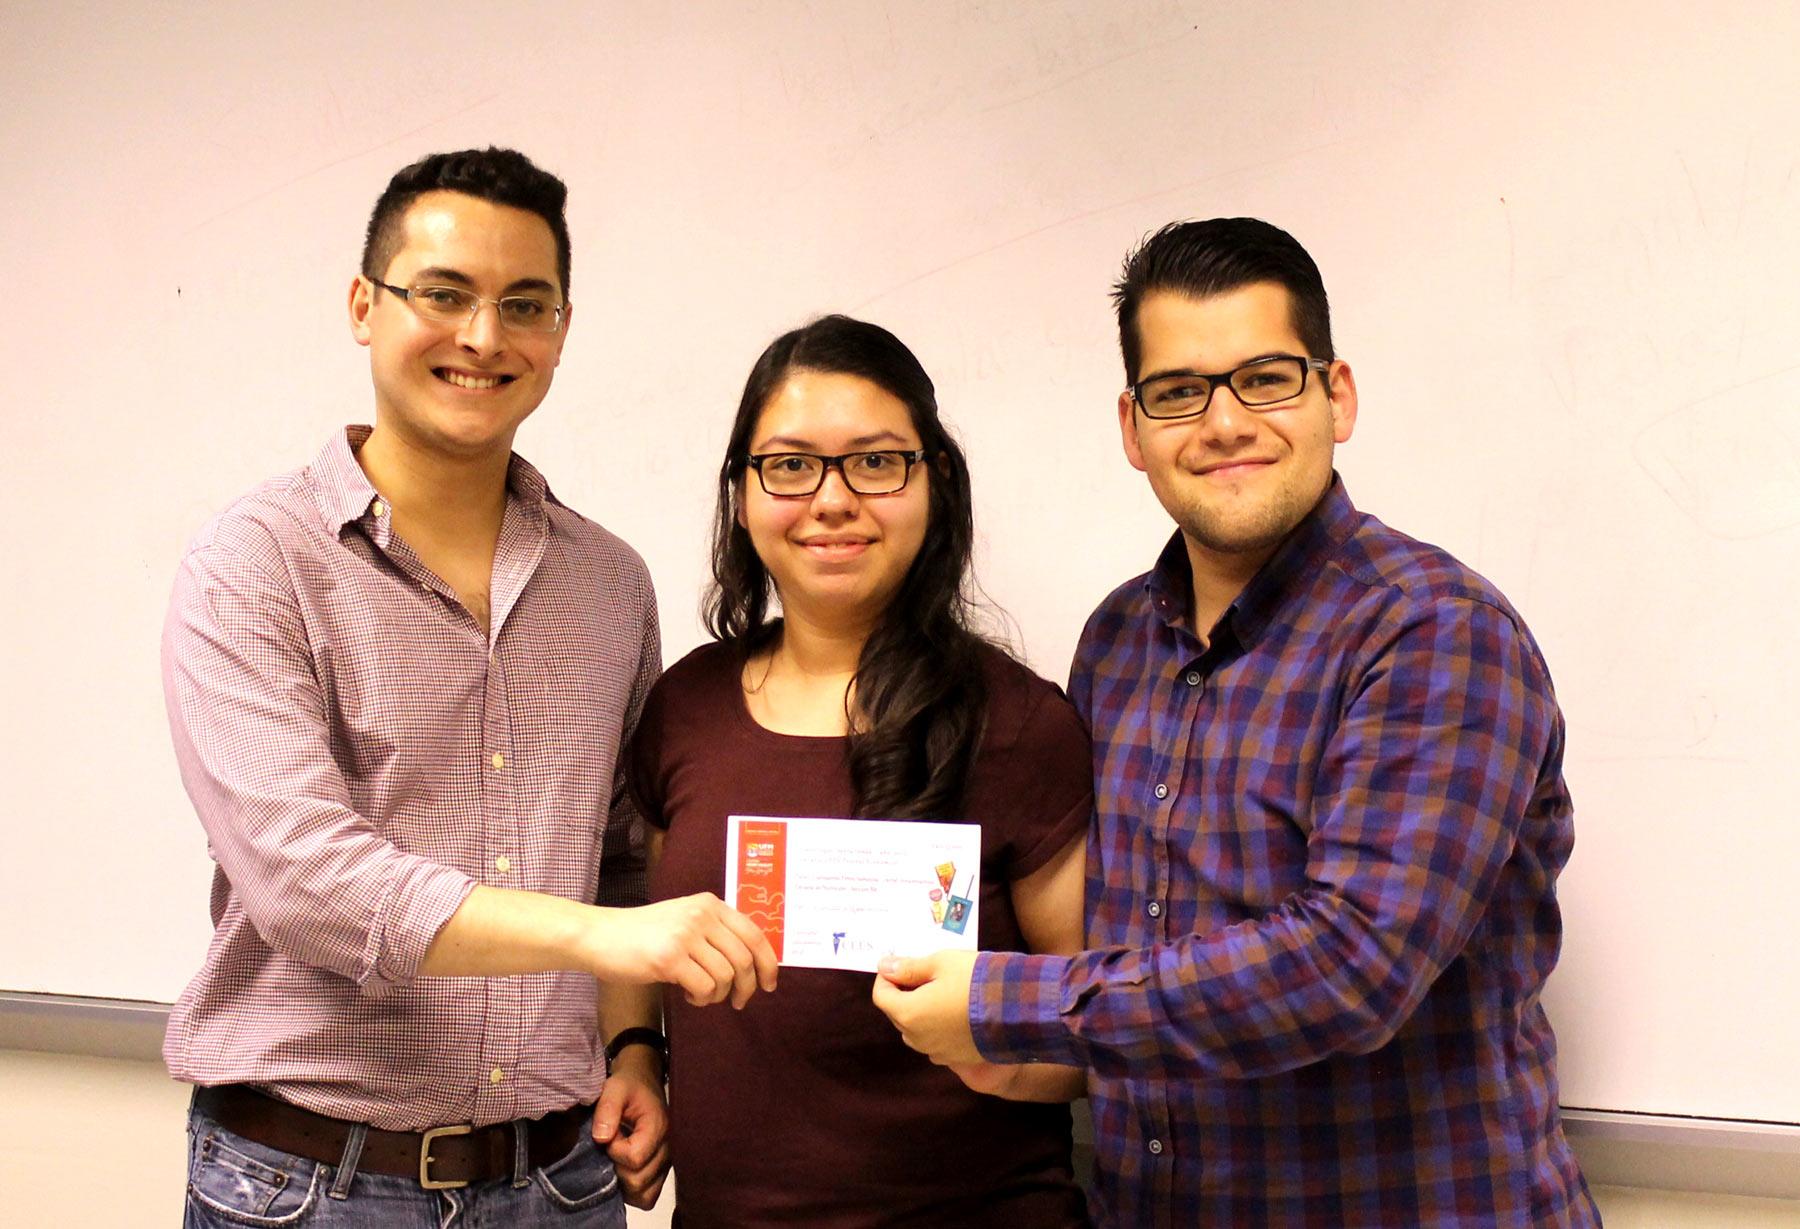 Los profesores Edgar Ortiz y Elder Flores le entregan el premio a Carolianne Pérez.  (Foto por Centro Henry Hazlitt)